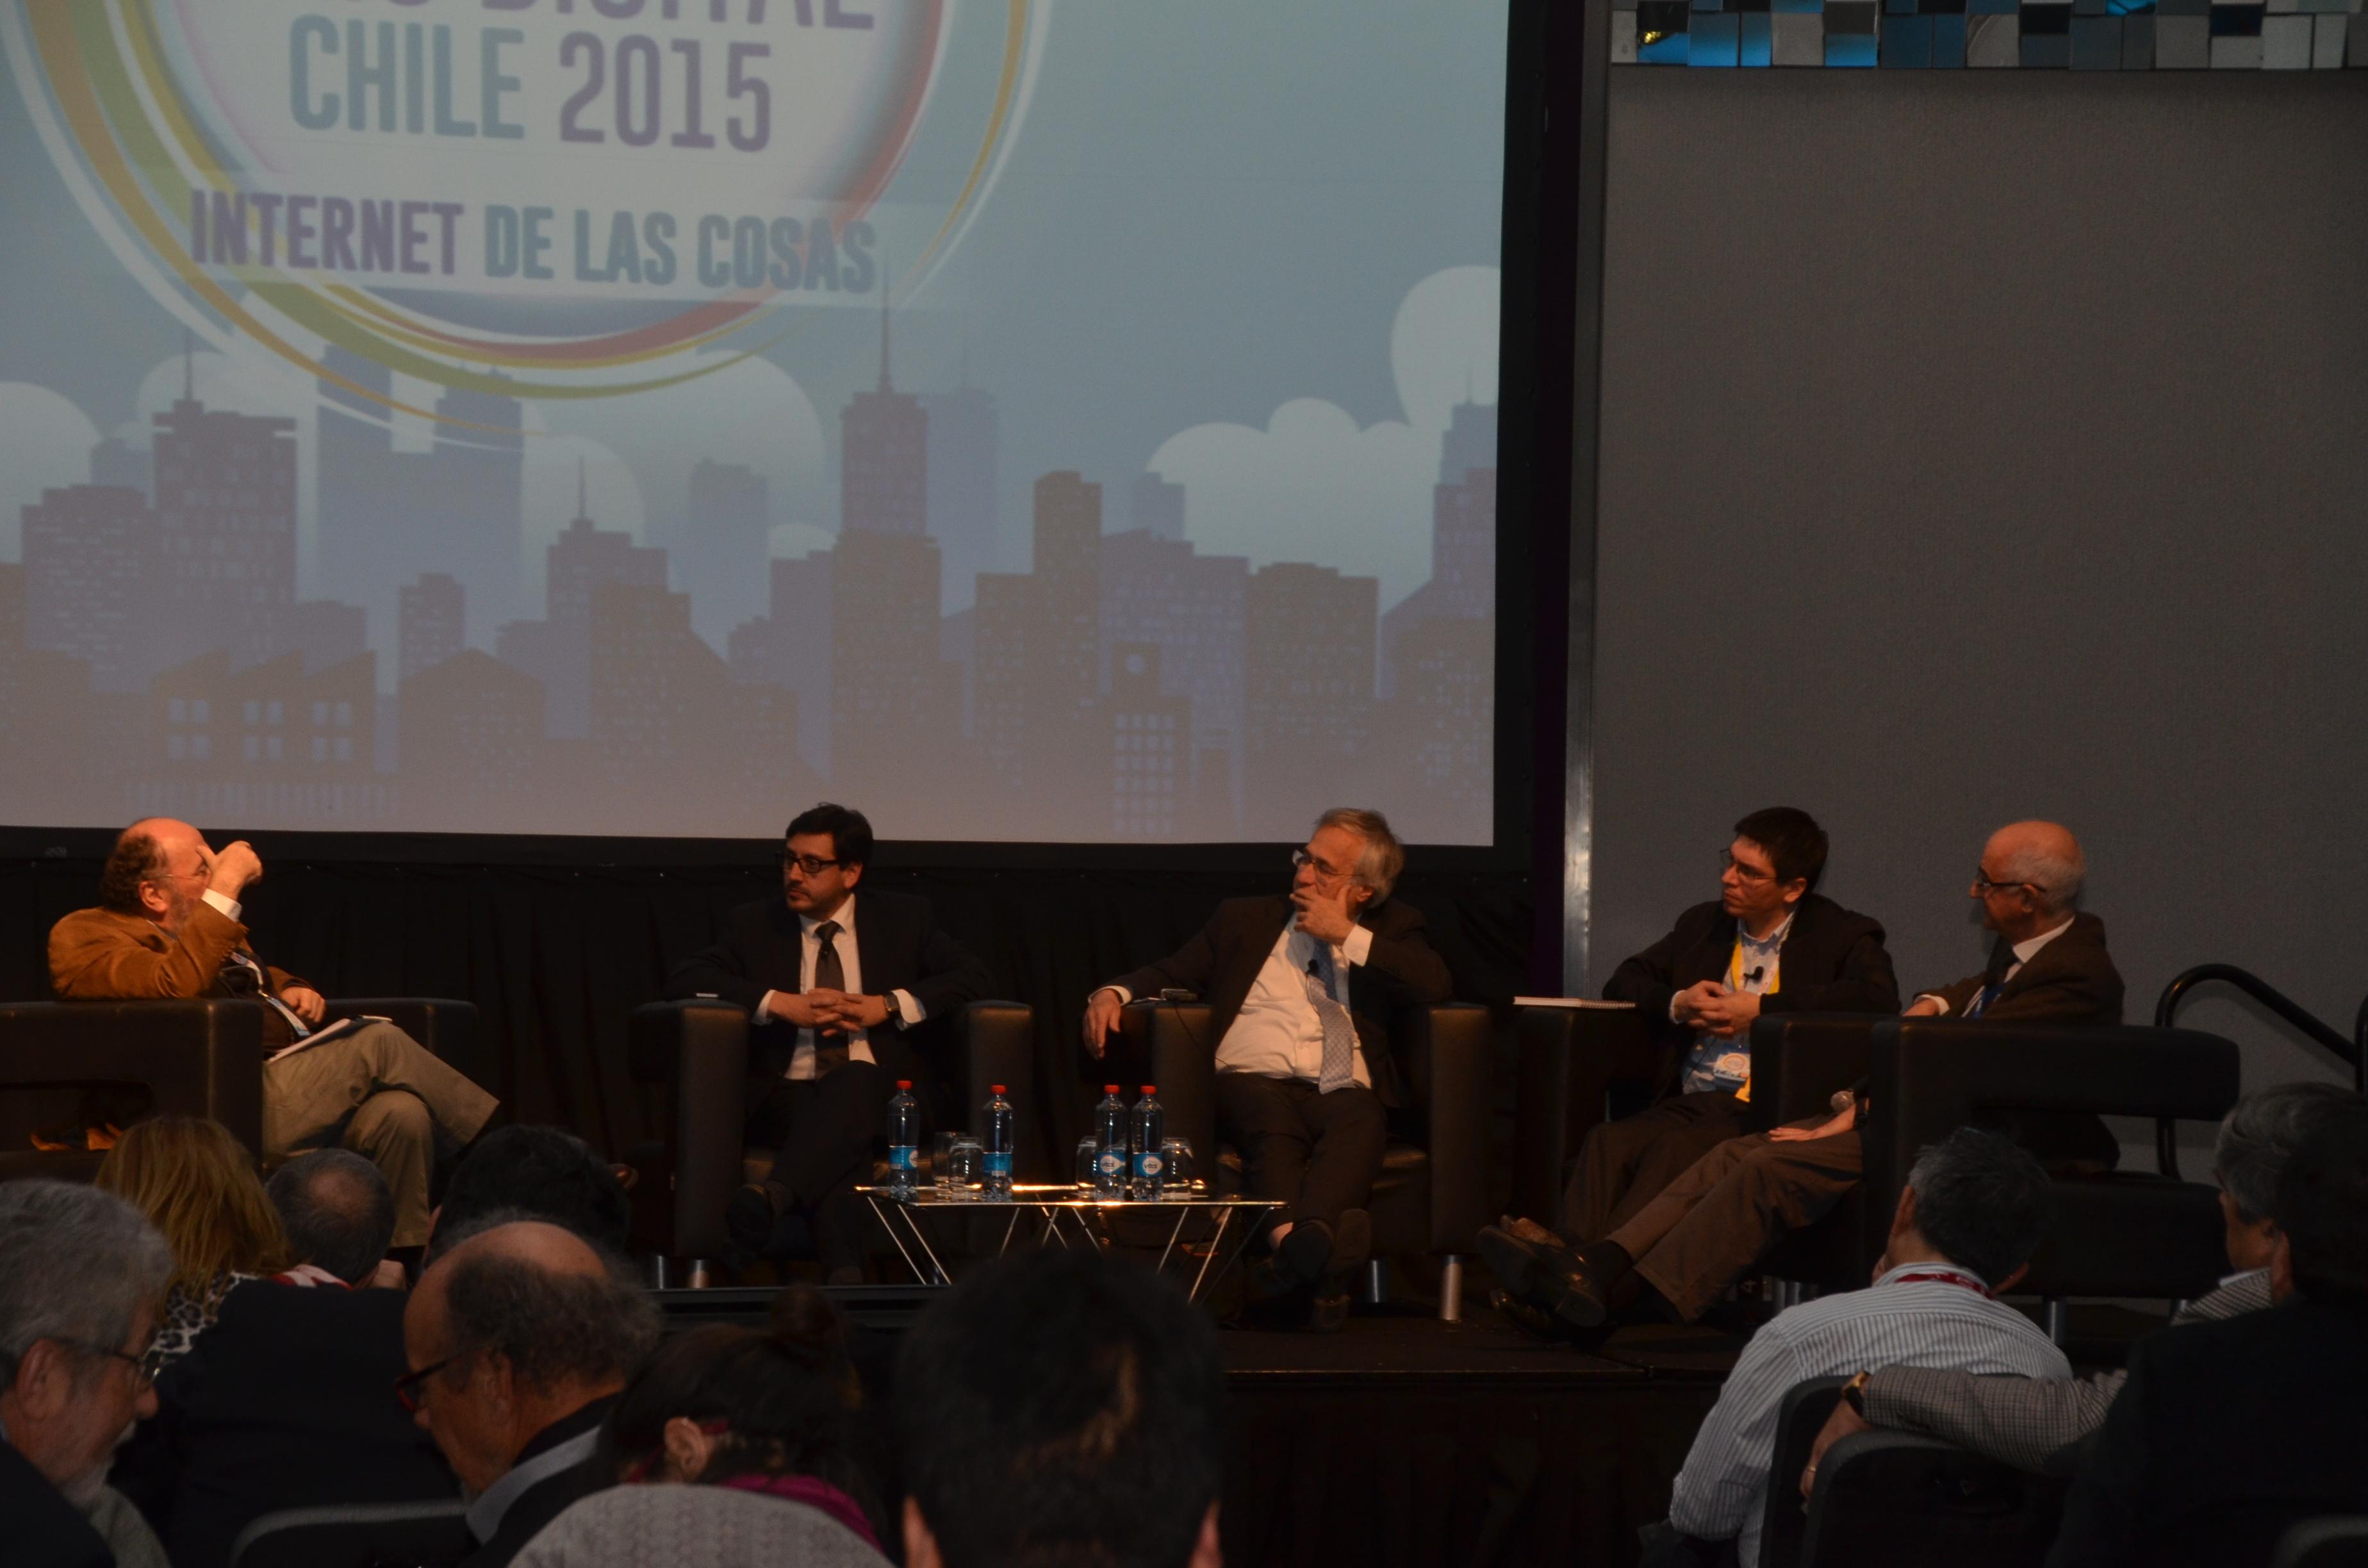 Sustentabilidad, seguridad y vinculación con las comunidades son los próximos desafíos para el futuro de la minería en Chile